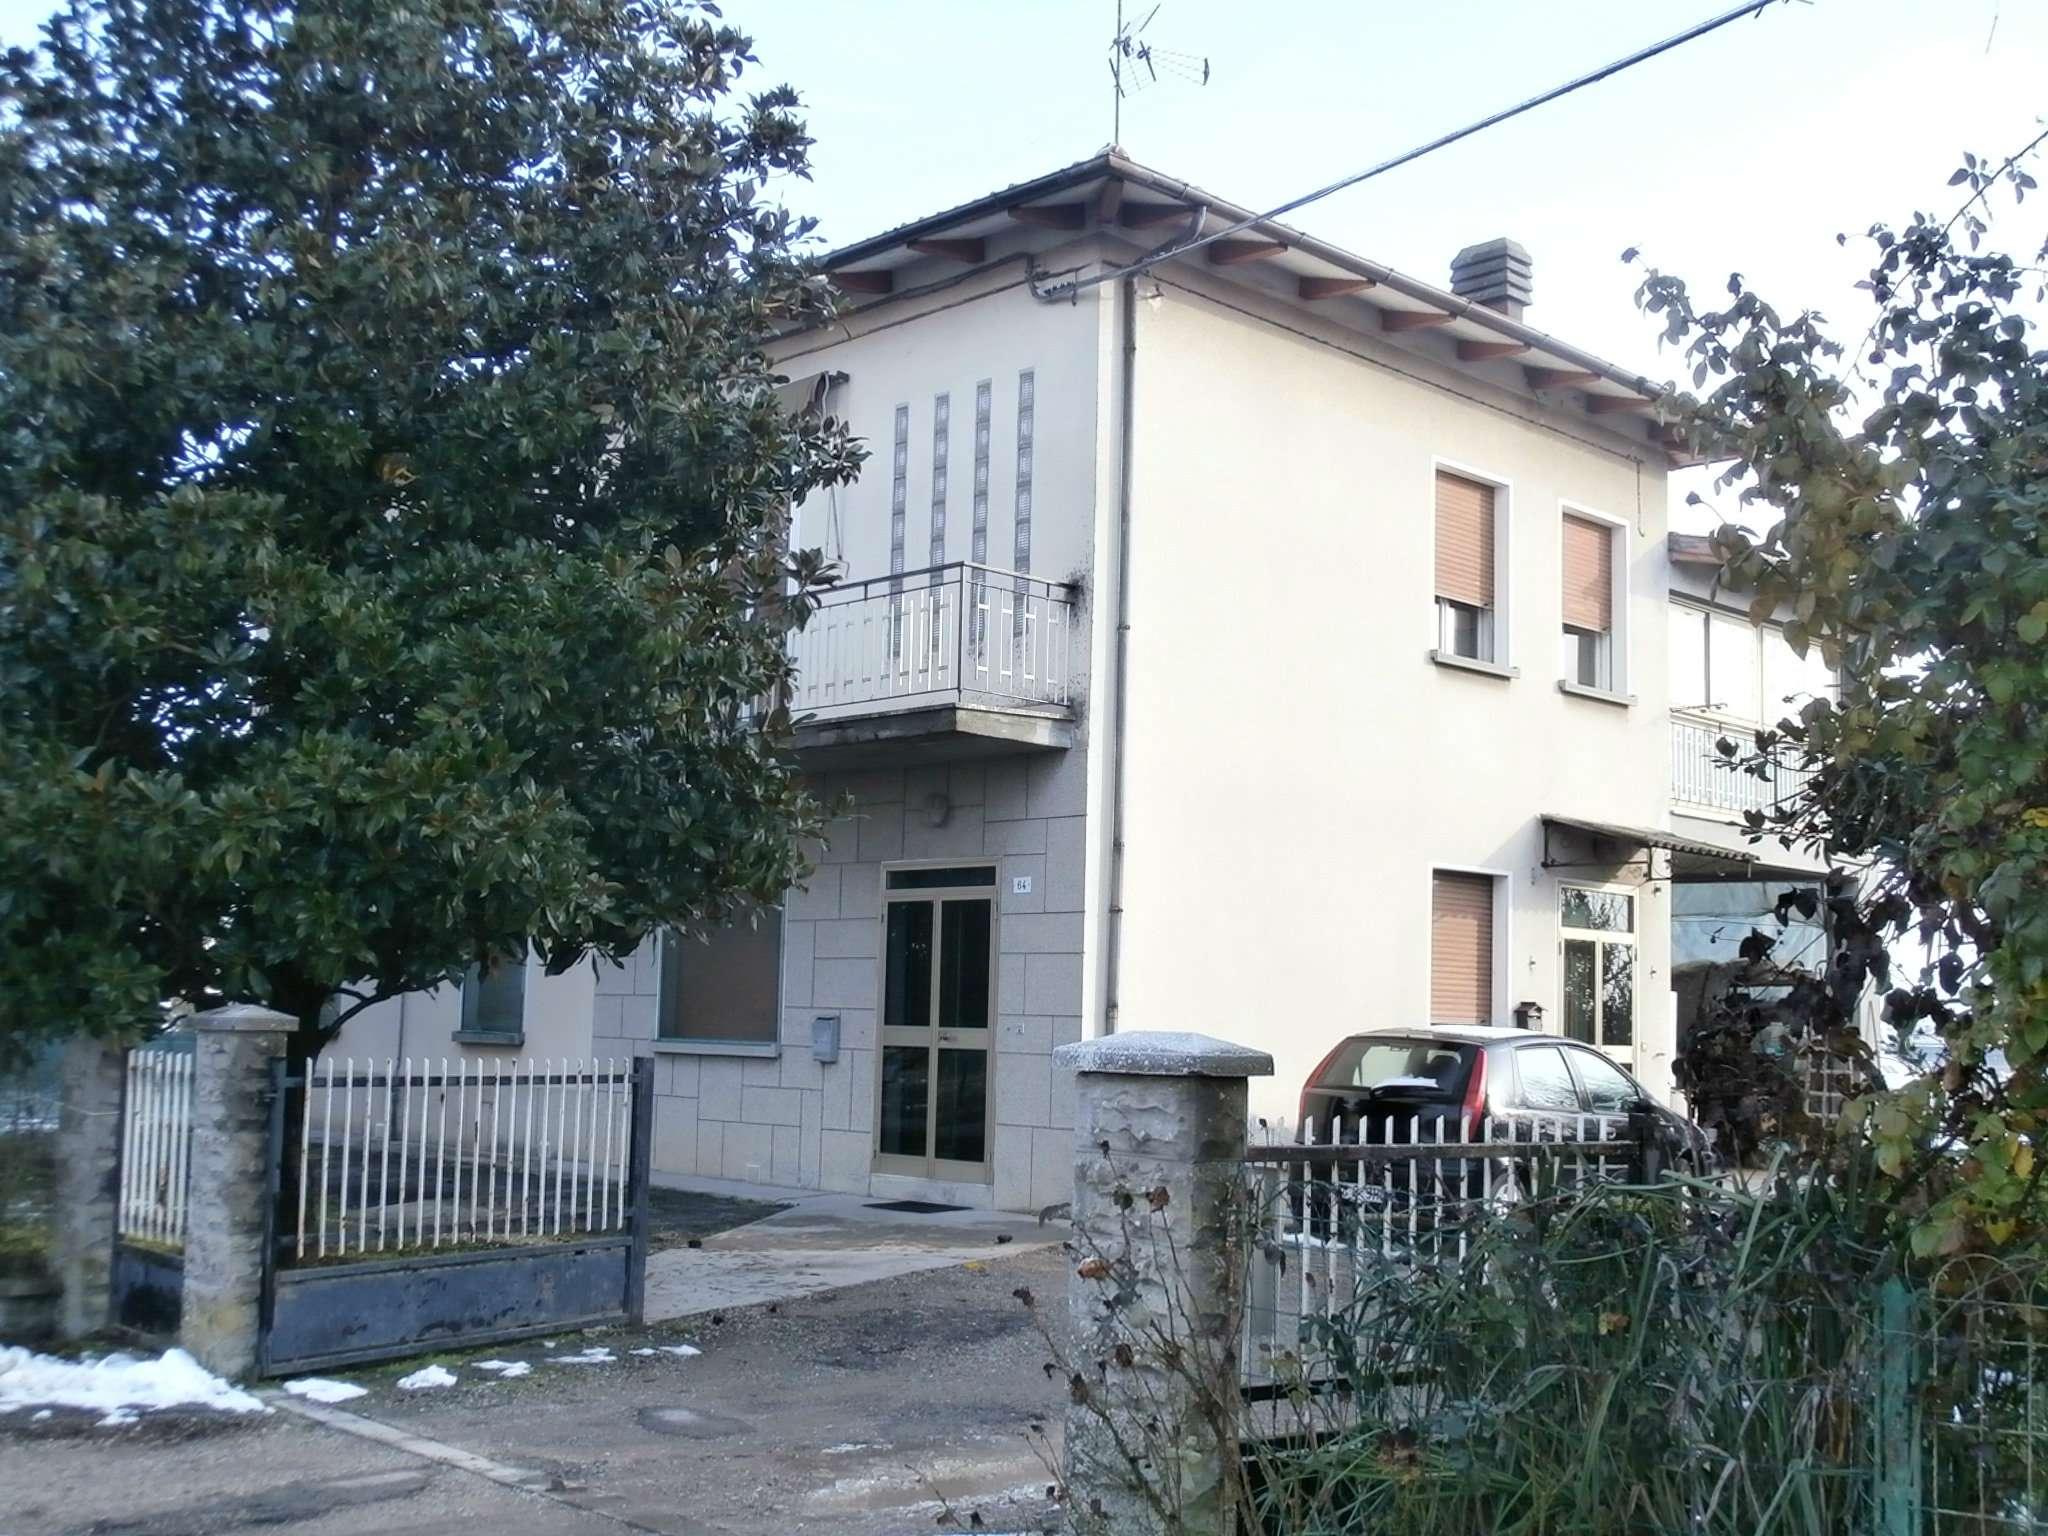 Foto 1 di Casa indipendente Sant'agata Bolognese